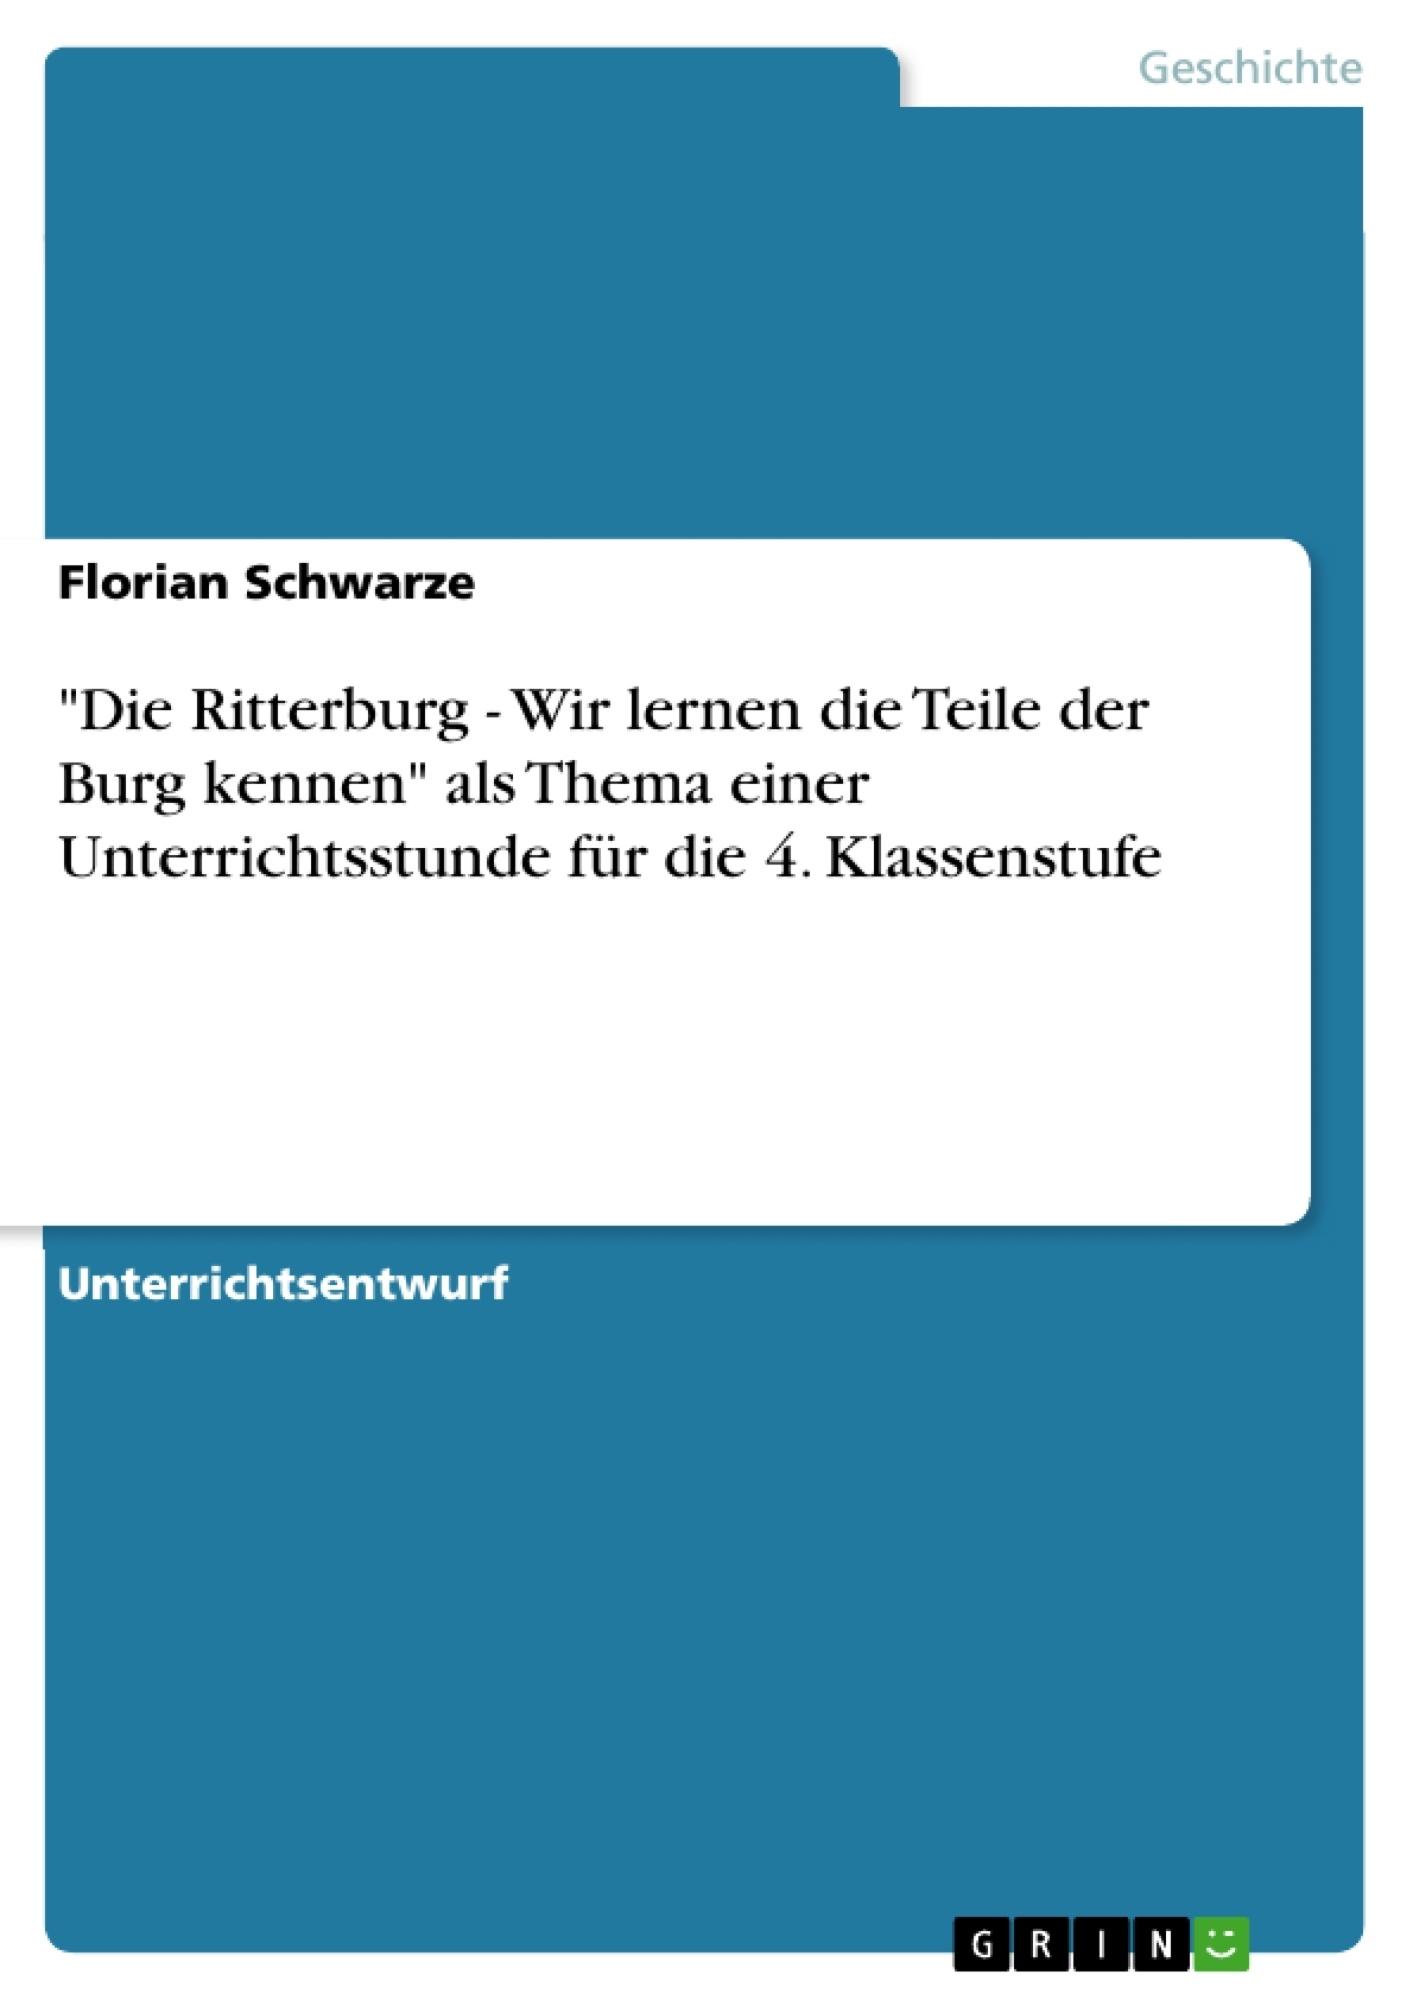 """Titel: """"Die Ritterburg  - Wir lernen die Teile der Burg kennen"""" als Thema einer Unterrichtsstunde für die 4. Klassenstufe"""